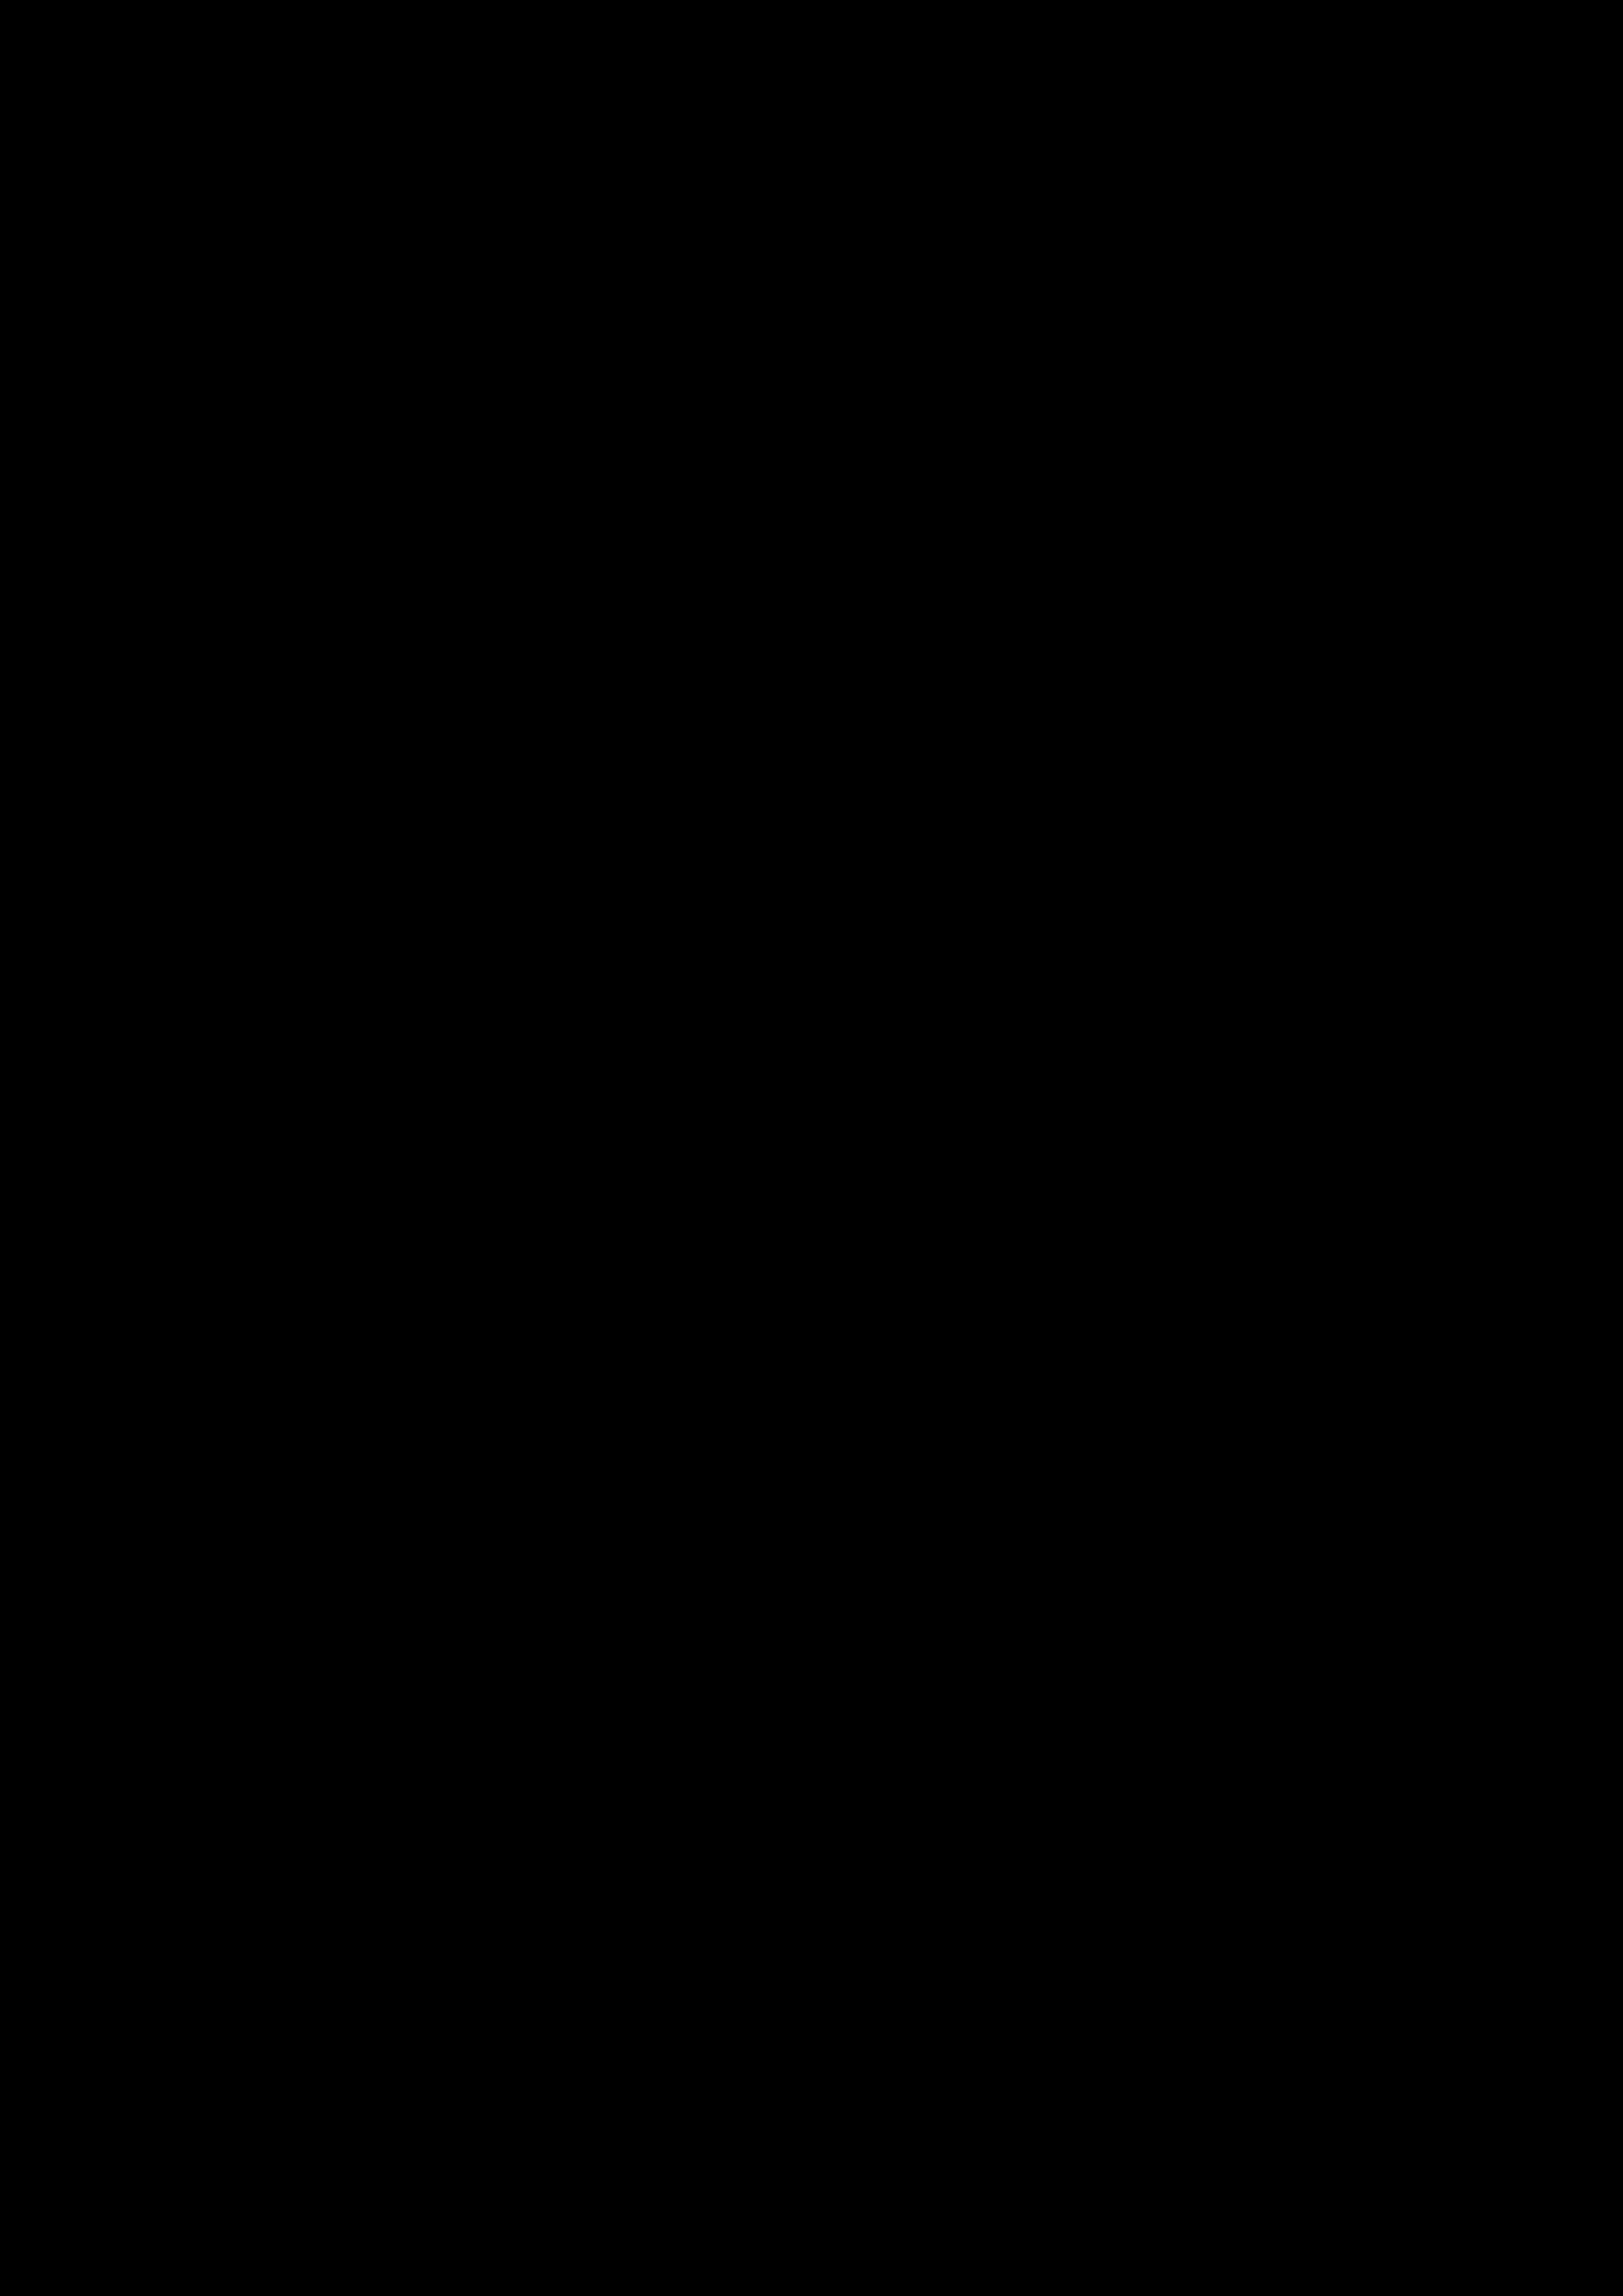 20130101051749ada.png